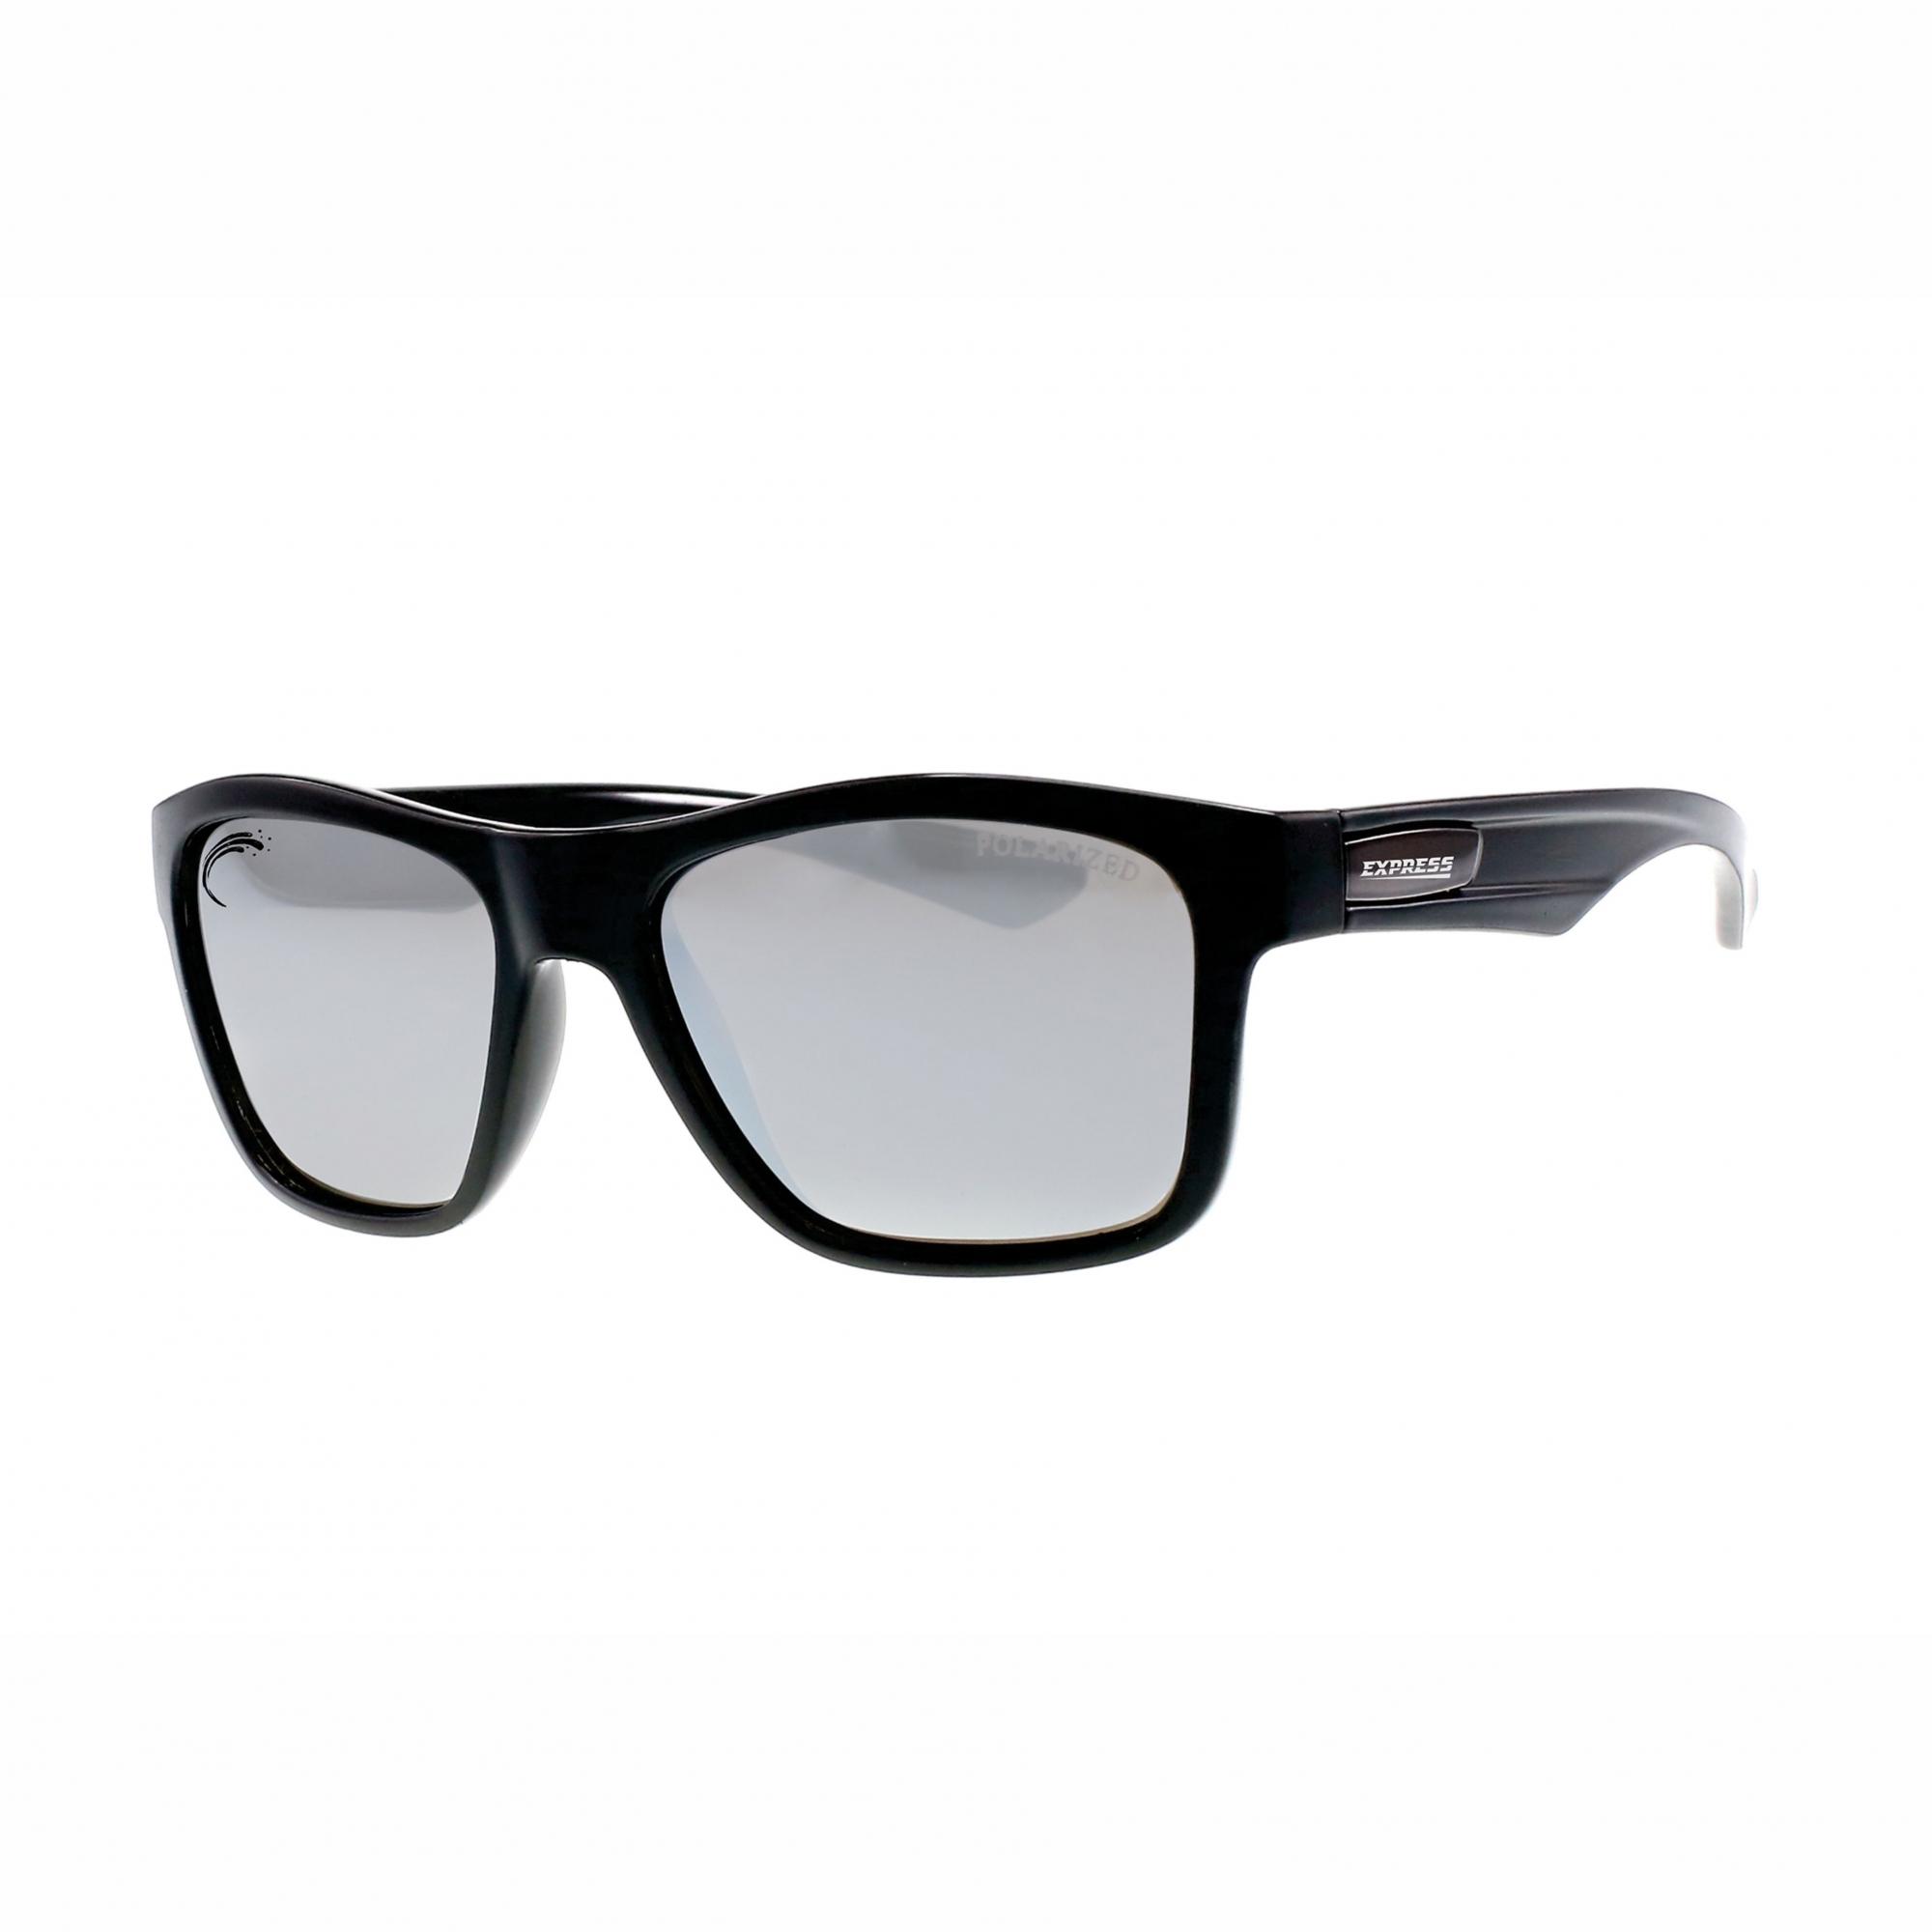 Óculos de Sol Polarizado Express Piranha Prata Espelhado